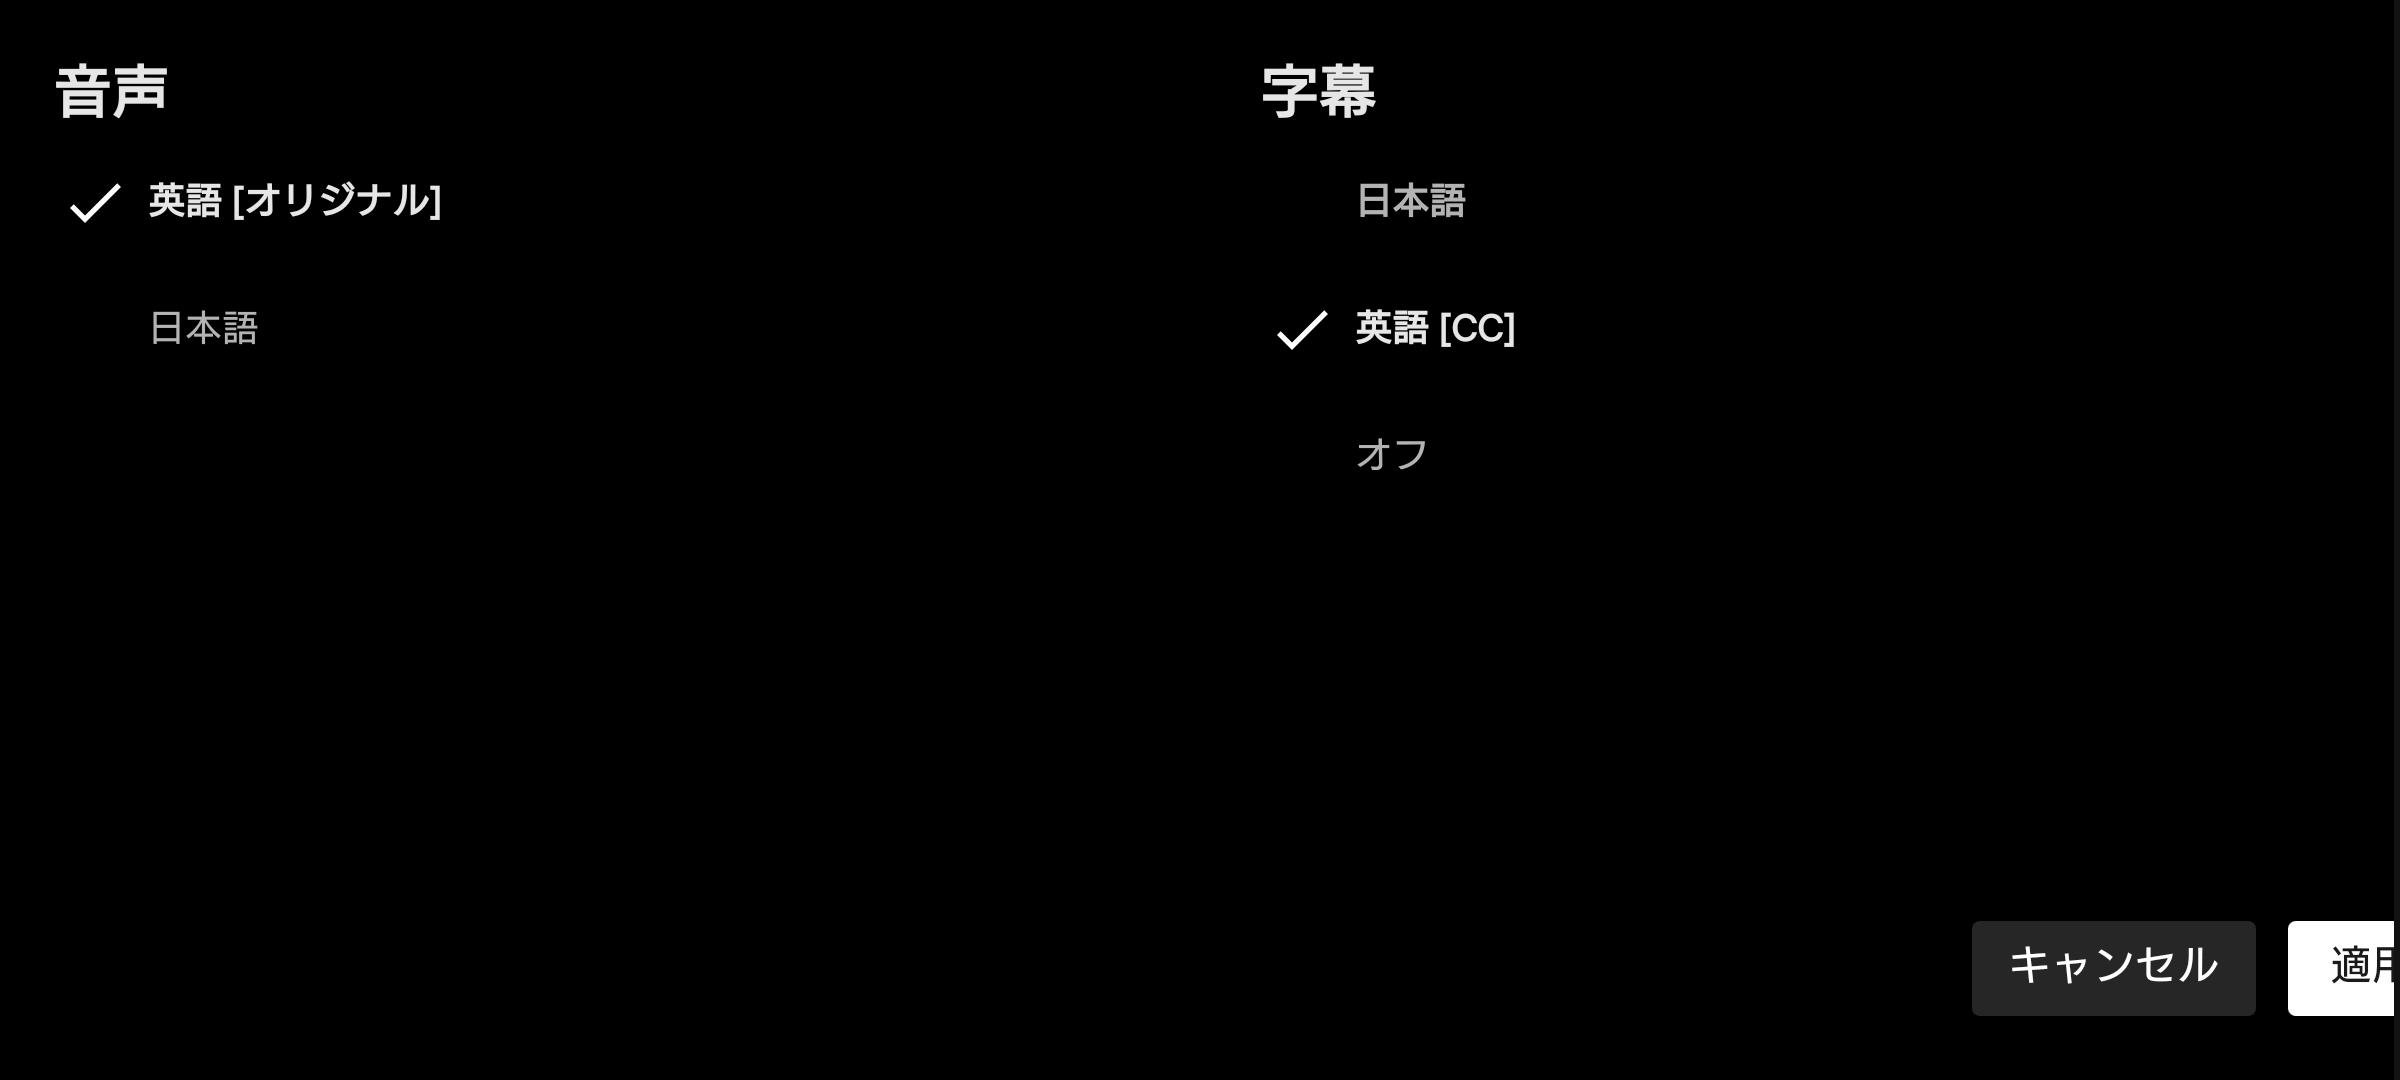 netf_09